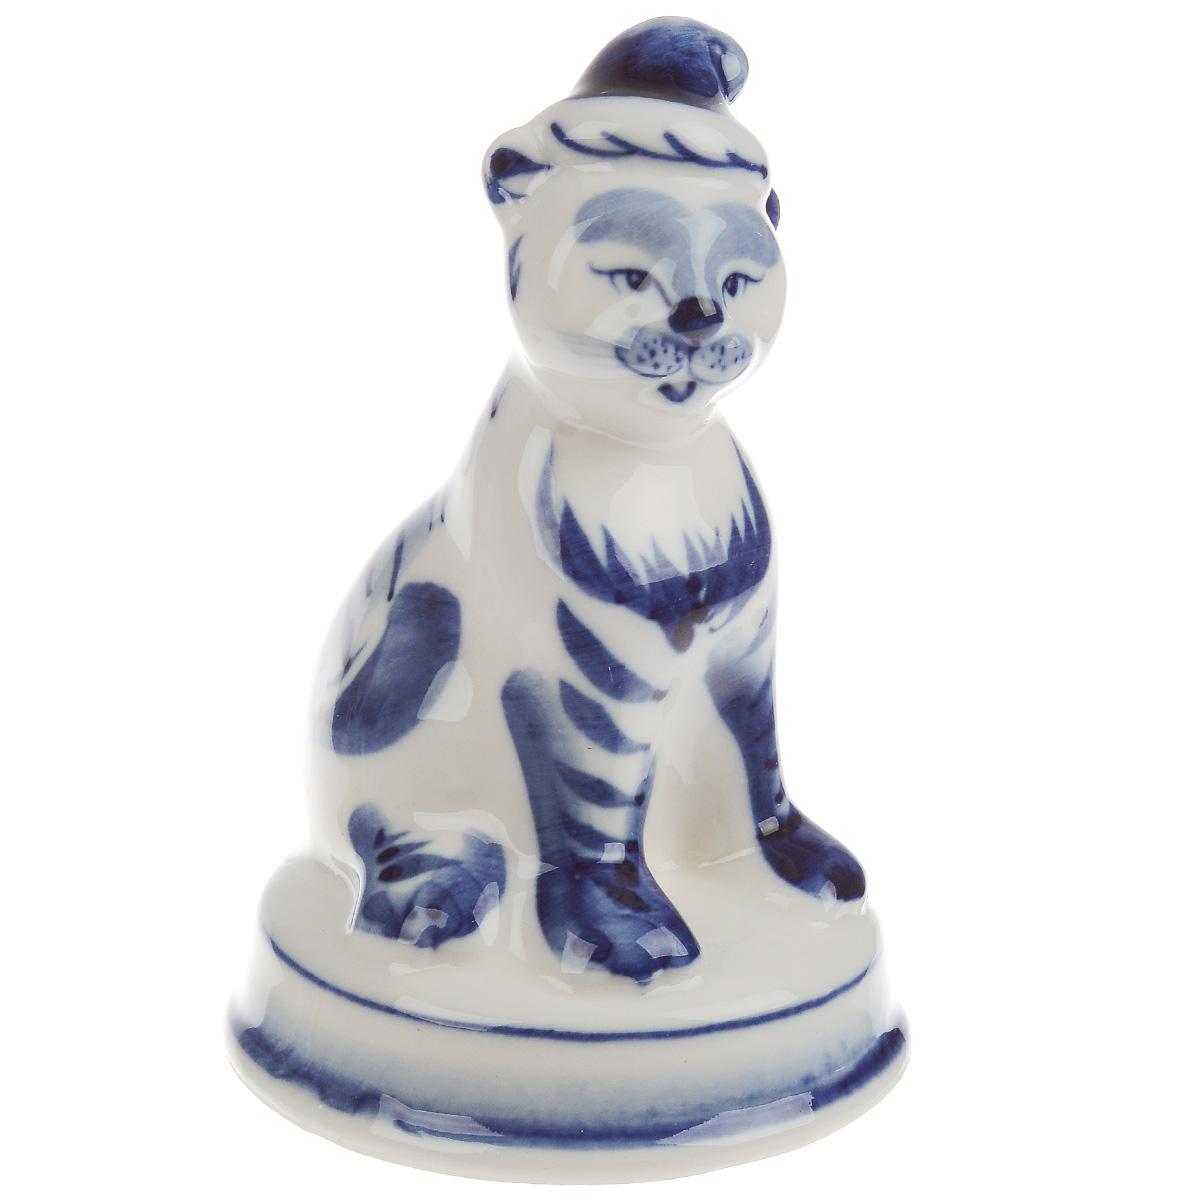 Статуэтка Веселый тигренок, цвет: белый, синий, высота 10,5 см993147701Очаровательная статуэтка Веселый тигренок станет оригинальным подарком для всех любителей красивых вещей. Она выполнена из фарфора в виде забавного тигренка и оформлена гжельской росписью. Изысканный сувенир станет прекрасным дополнением к интерьеру. Вы можете поставить статуэтку в любом месте, где она будет удачно смотреться, и радовать глаз.